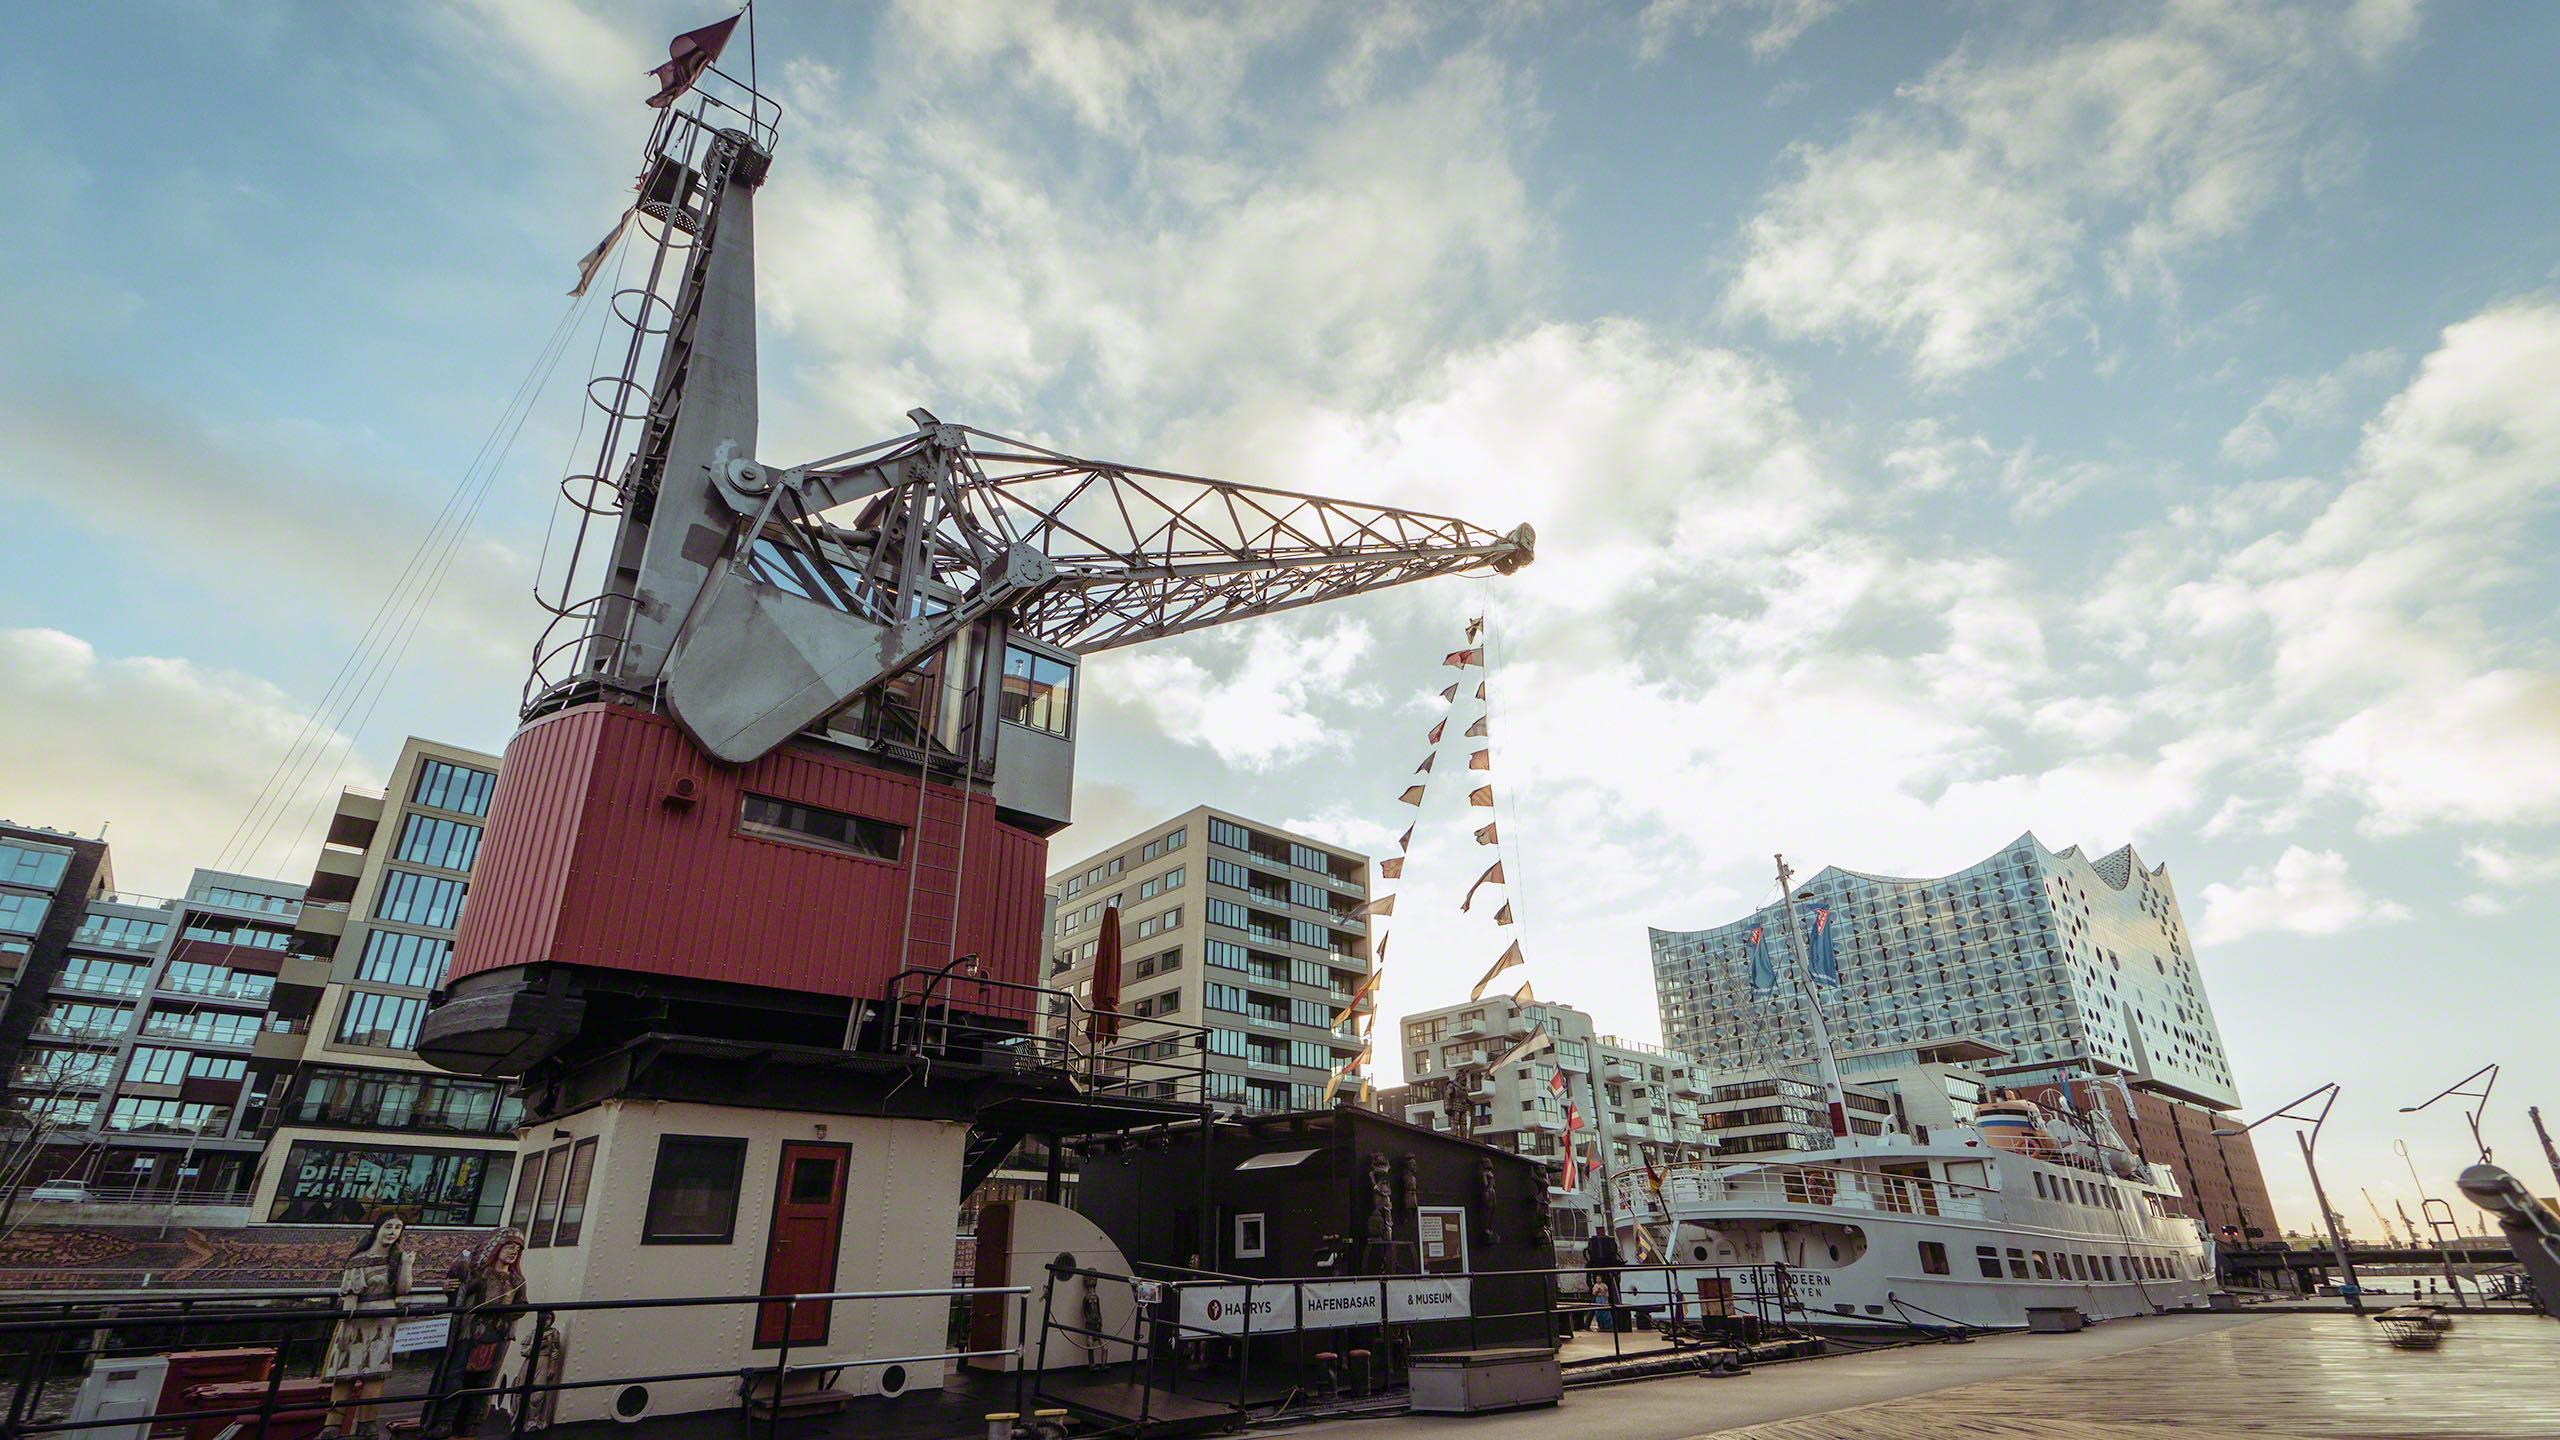 Im Traditionsschiffhafen hat das Hafenkran Hotel GREIF sein Zuhause gefunden ©Mirco Seyfert.